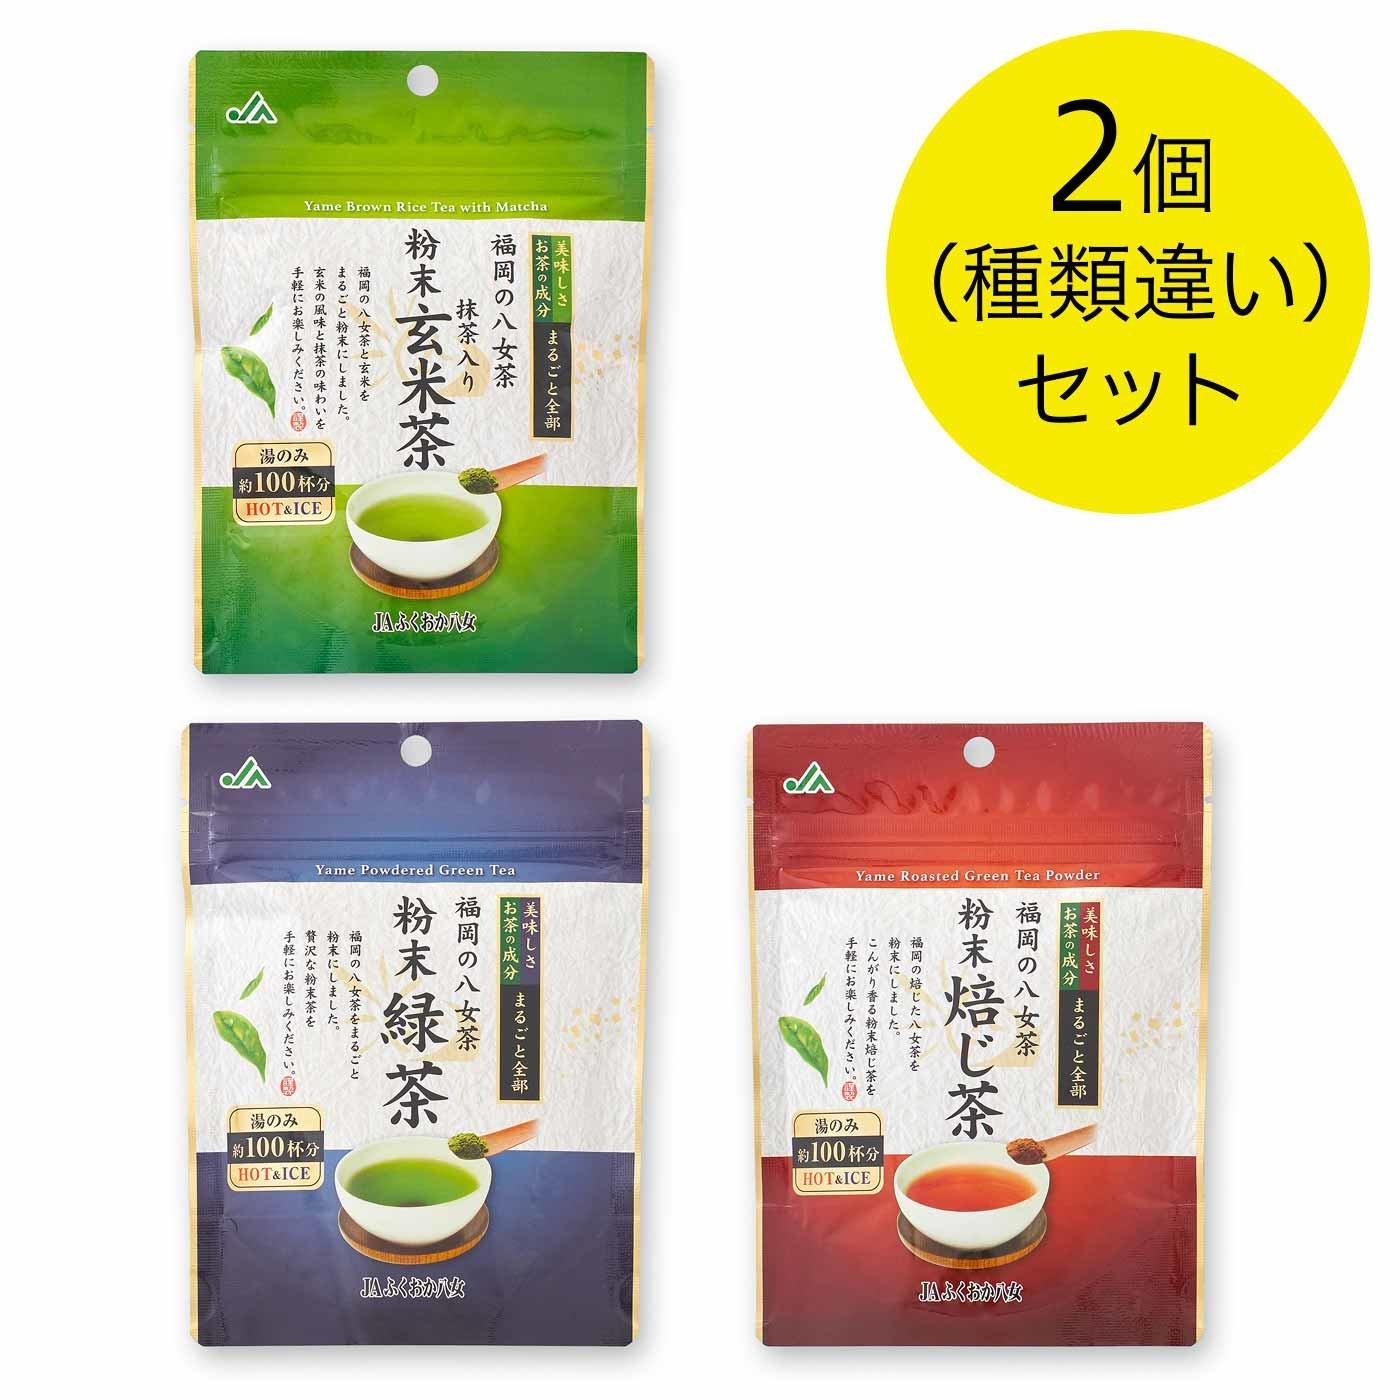 純農 手軽な毎日お茶習慣 100杯飲める! ふくおか八女の粉末茶の会(3回予約)